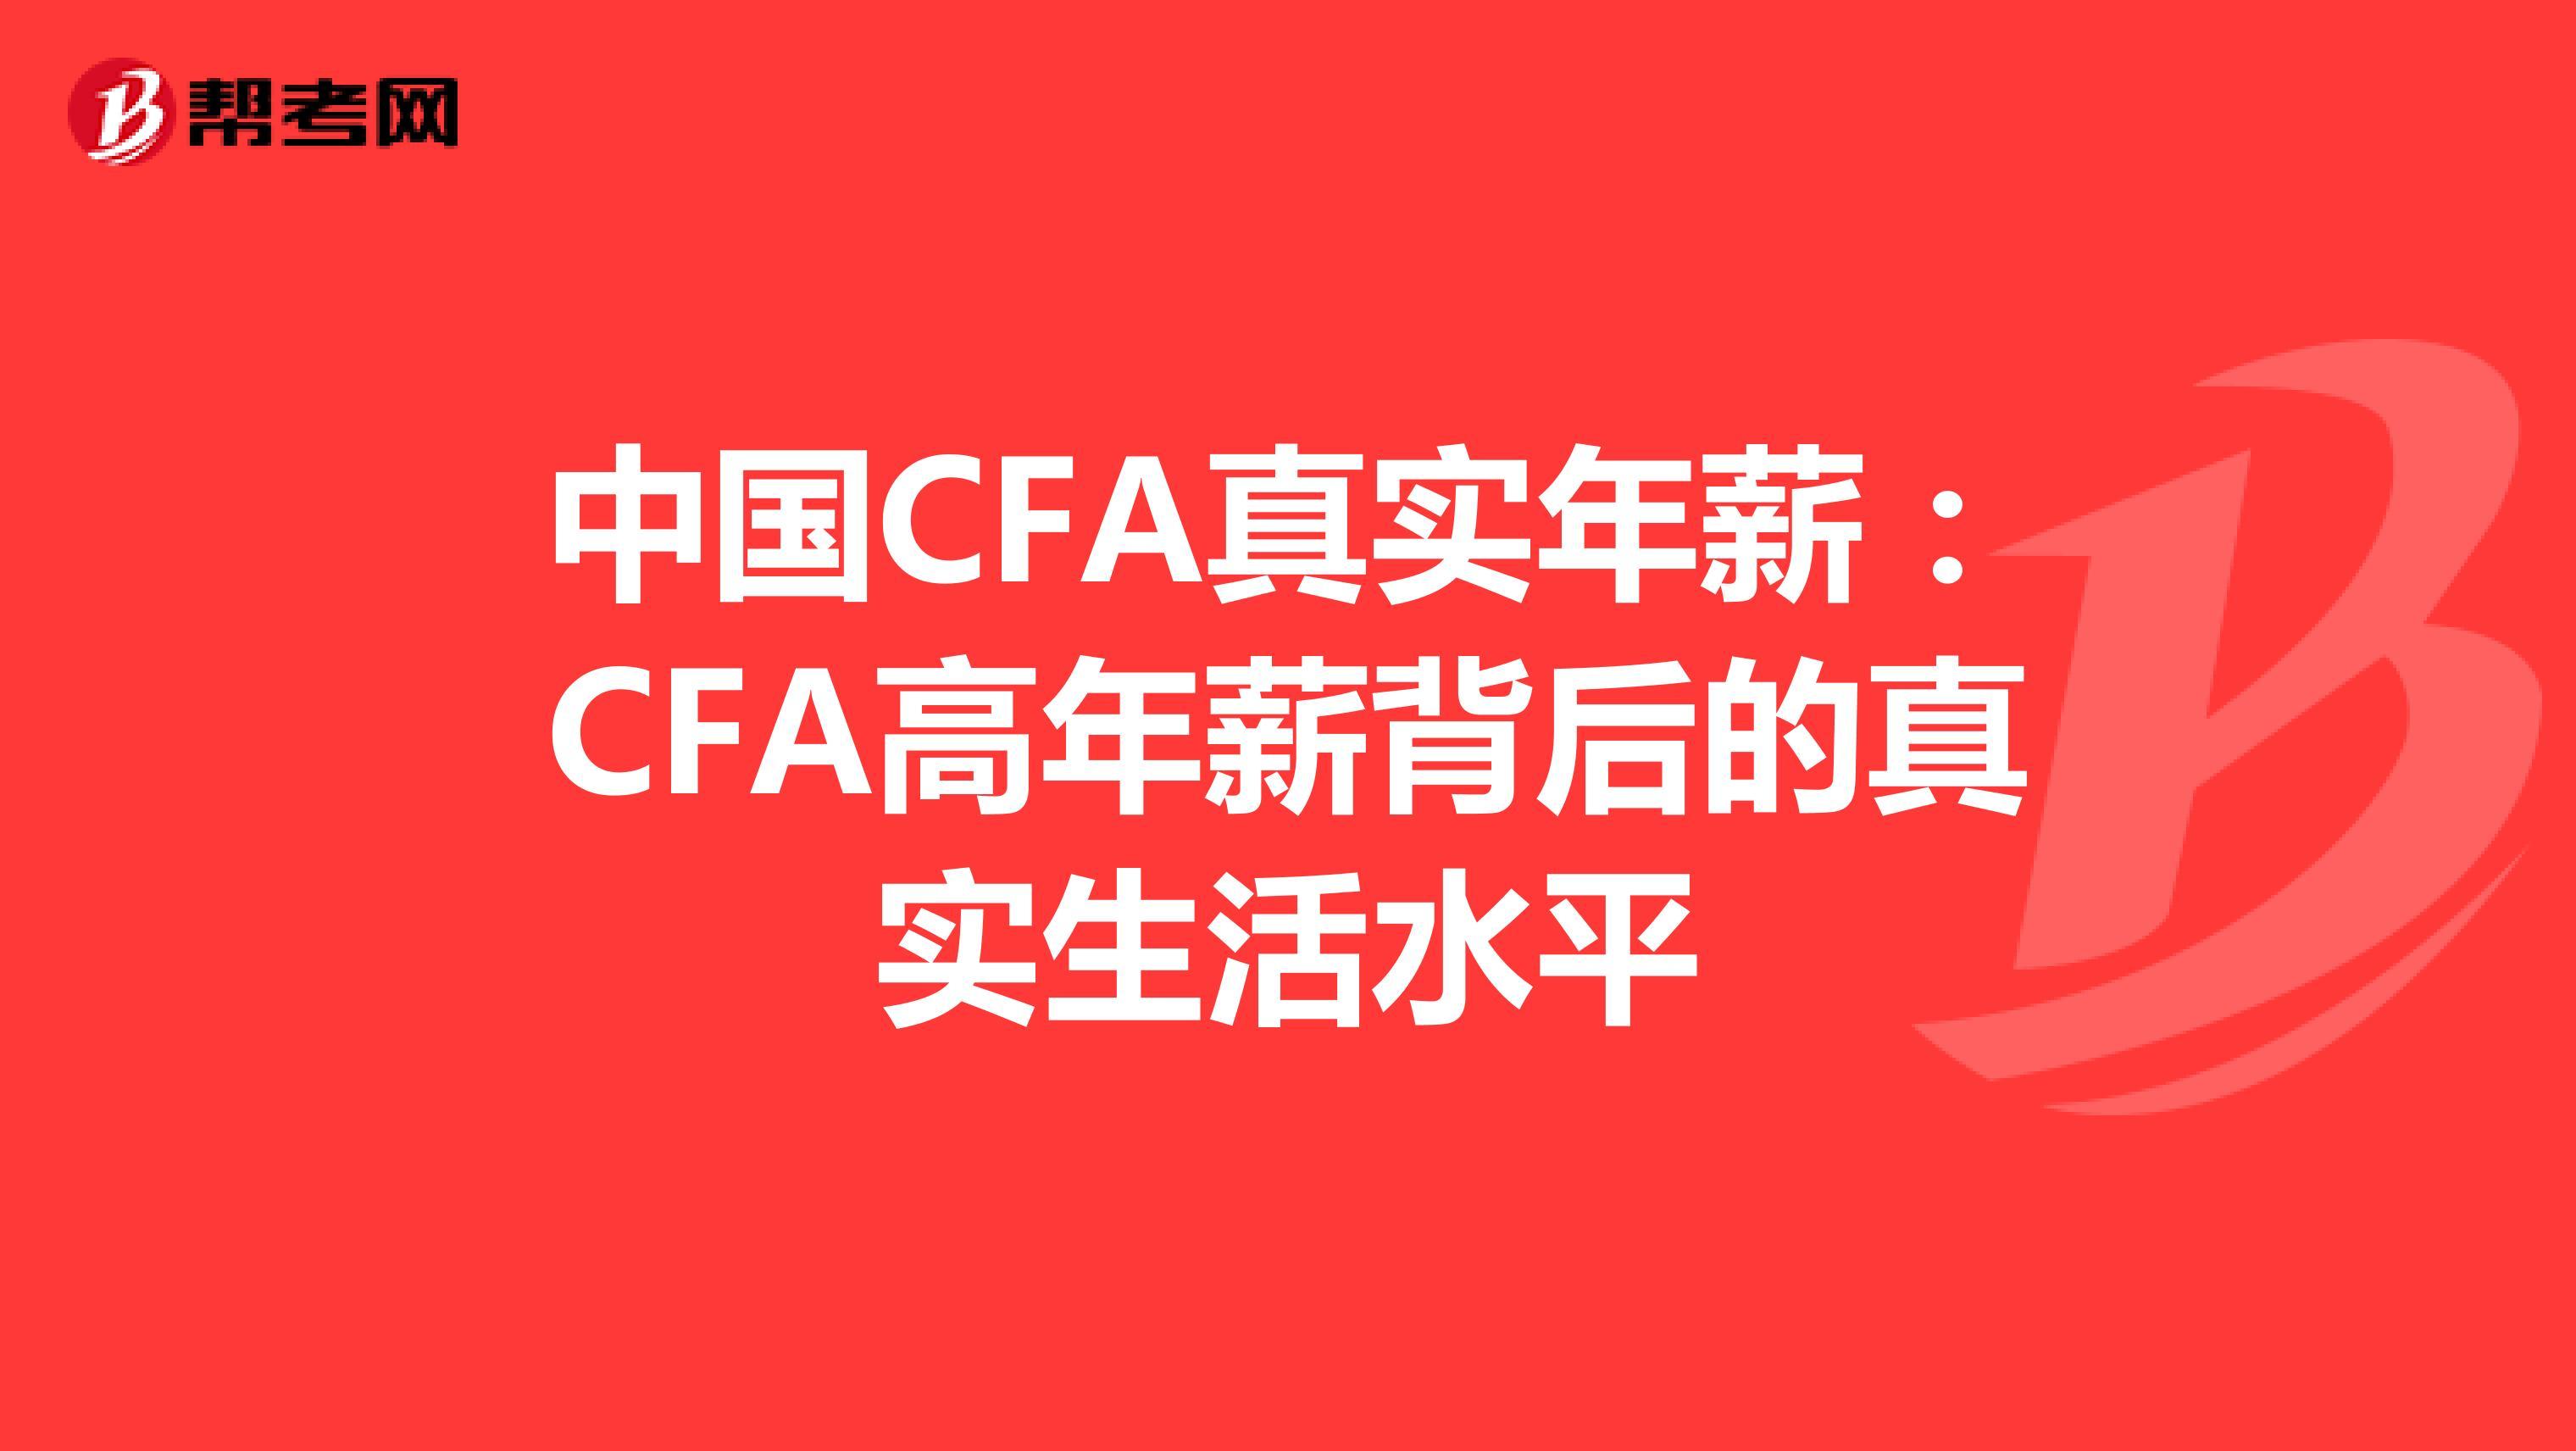 中国CFA真实年薪:CFA高年薪背后的真实生活水平